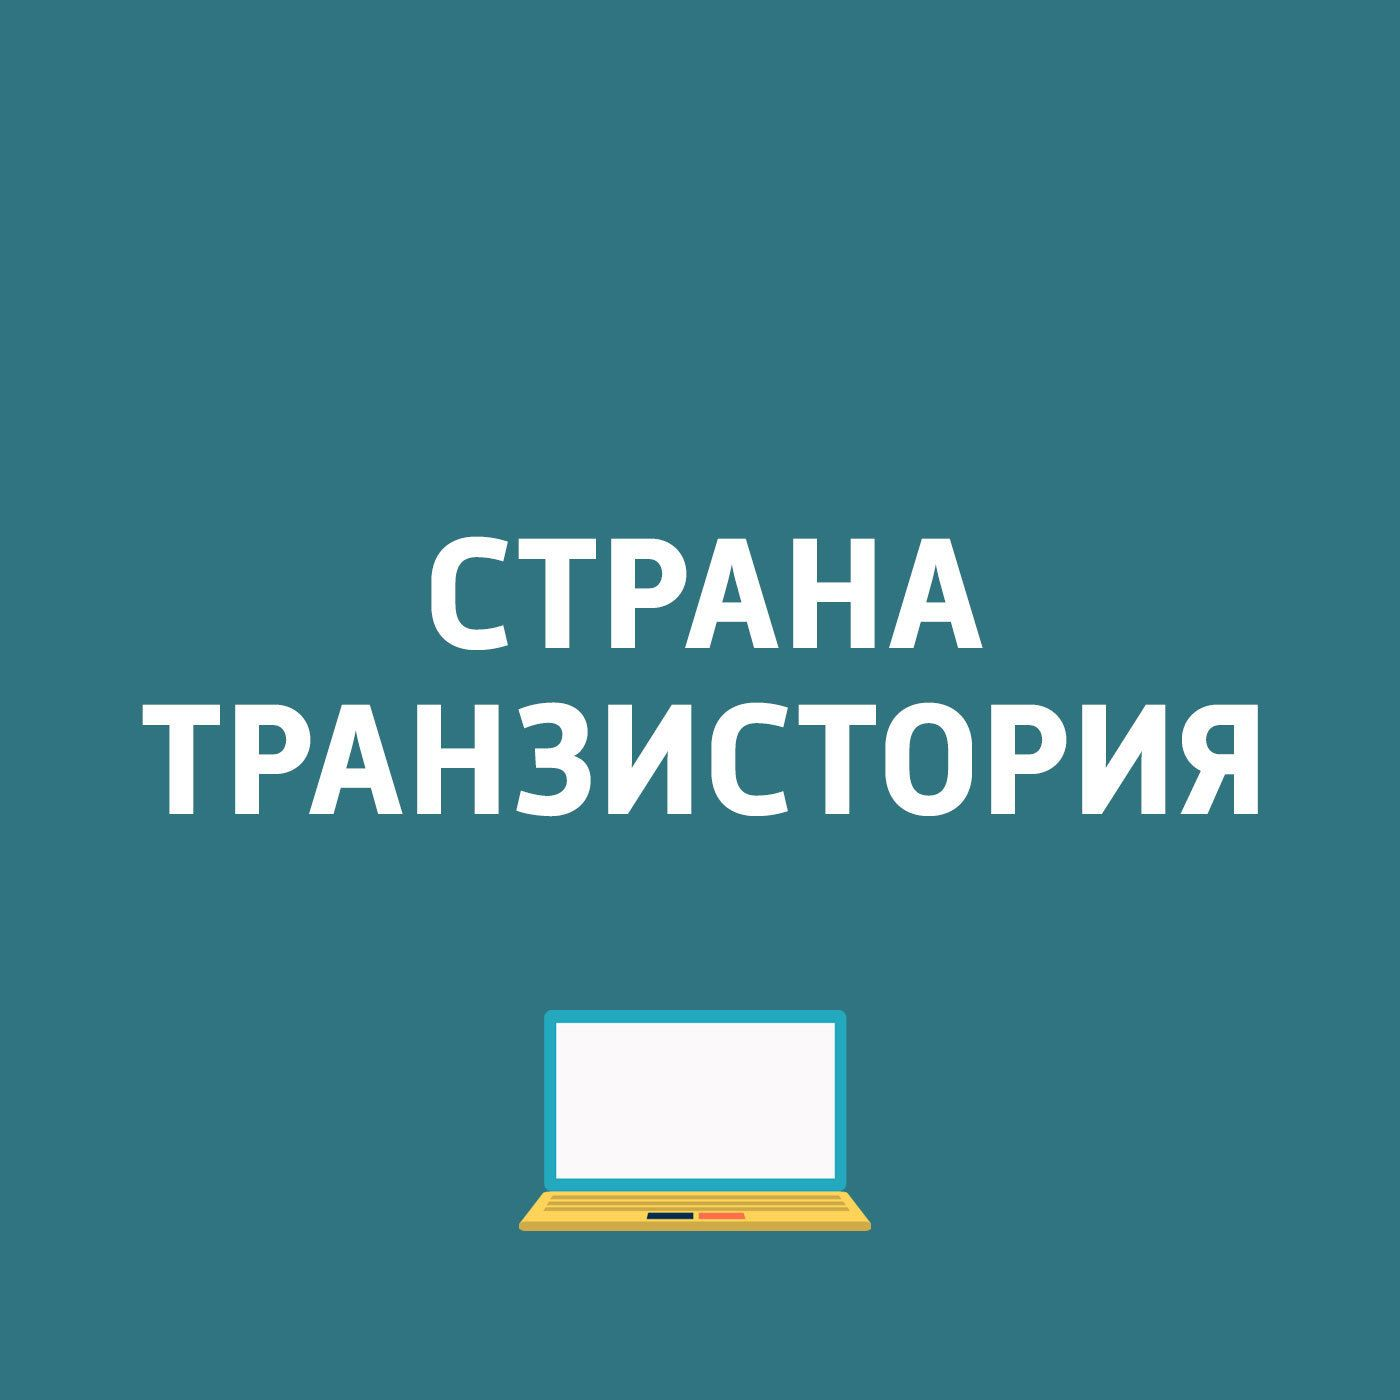 Картаев Павел Будет ли обновляться IPhone6 после выхода новых гаджетов? iphone6 6plus